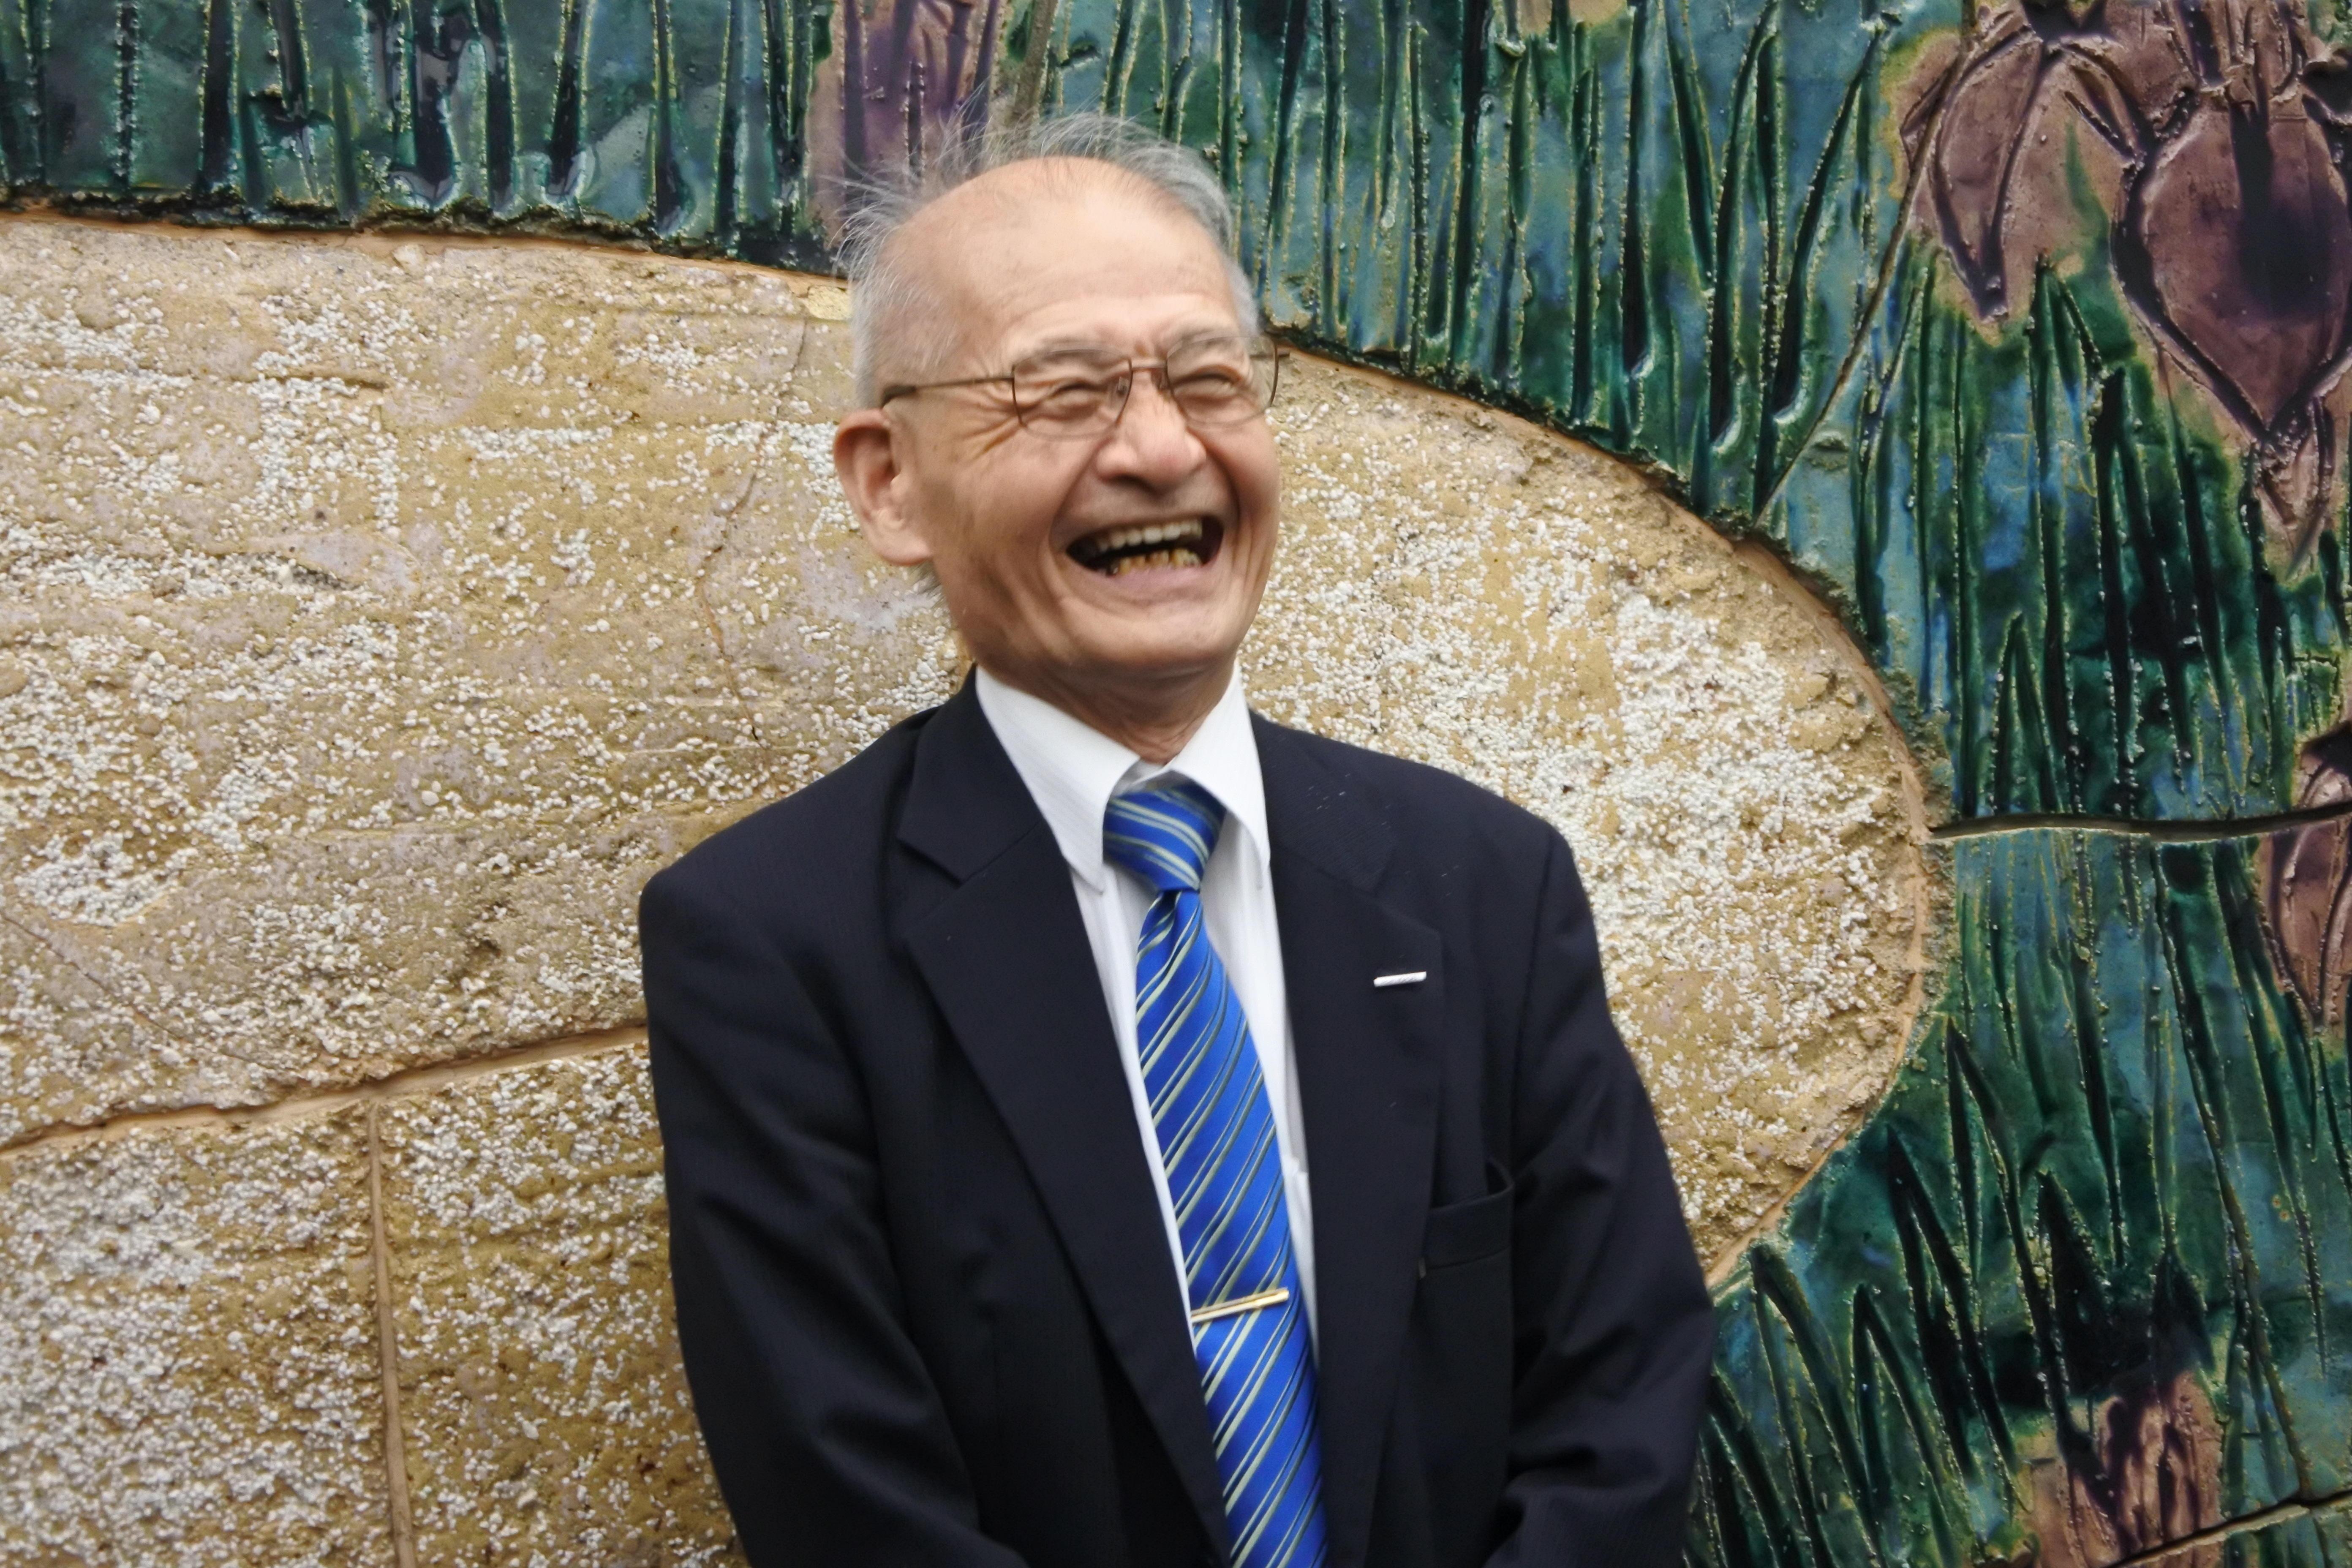 愛知県学術顕彰受賞後、笑顔でマスコミのインタビューに答える吉野彰教授